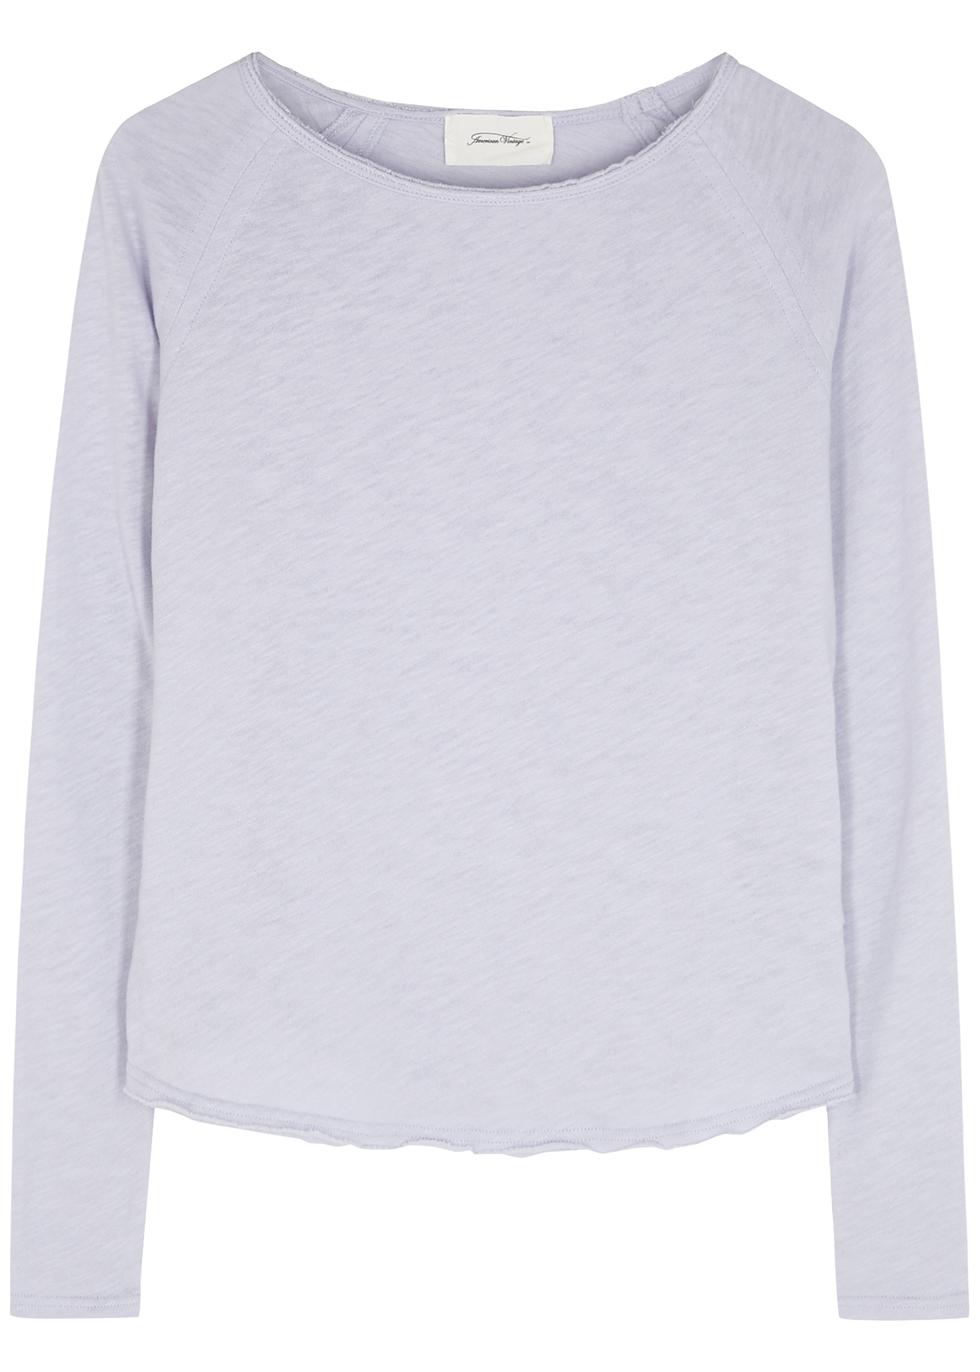 Sonoma lilac slubbed cotton top